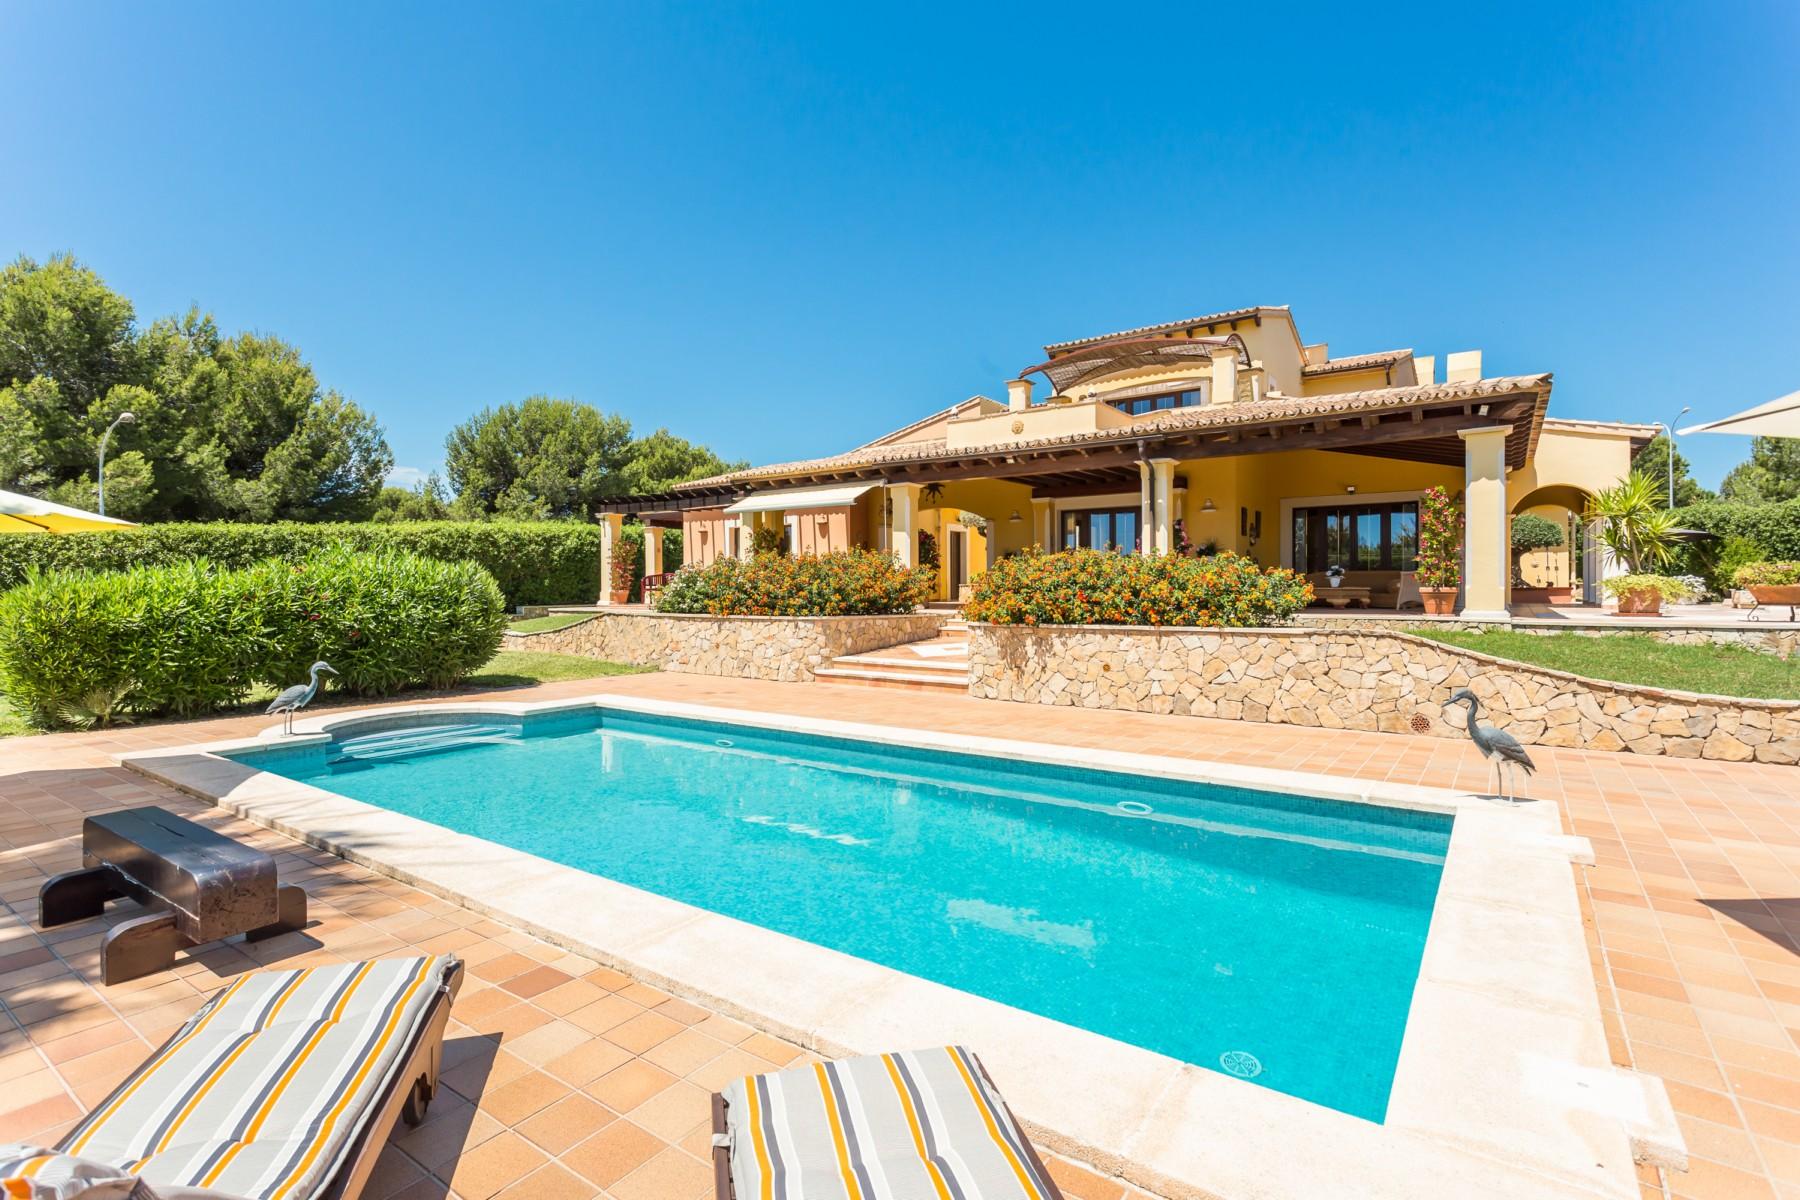 단독 가정 주택 용 매매 에 Lovely property between golf course and the sea Nova Santa Ponsa, 말로카, 스페인